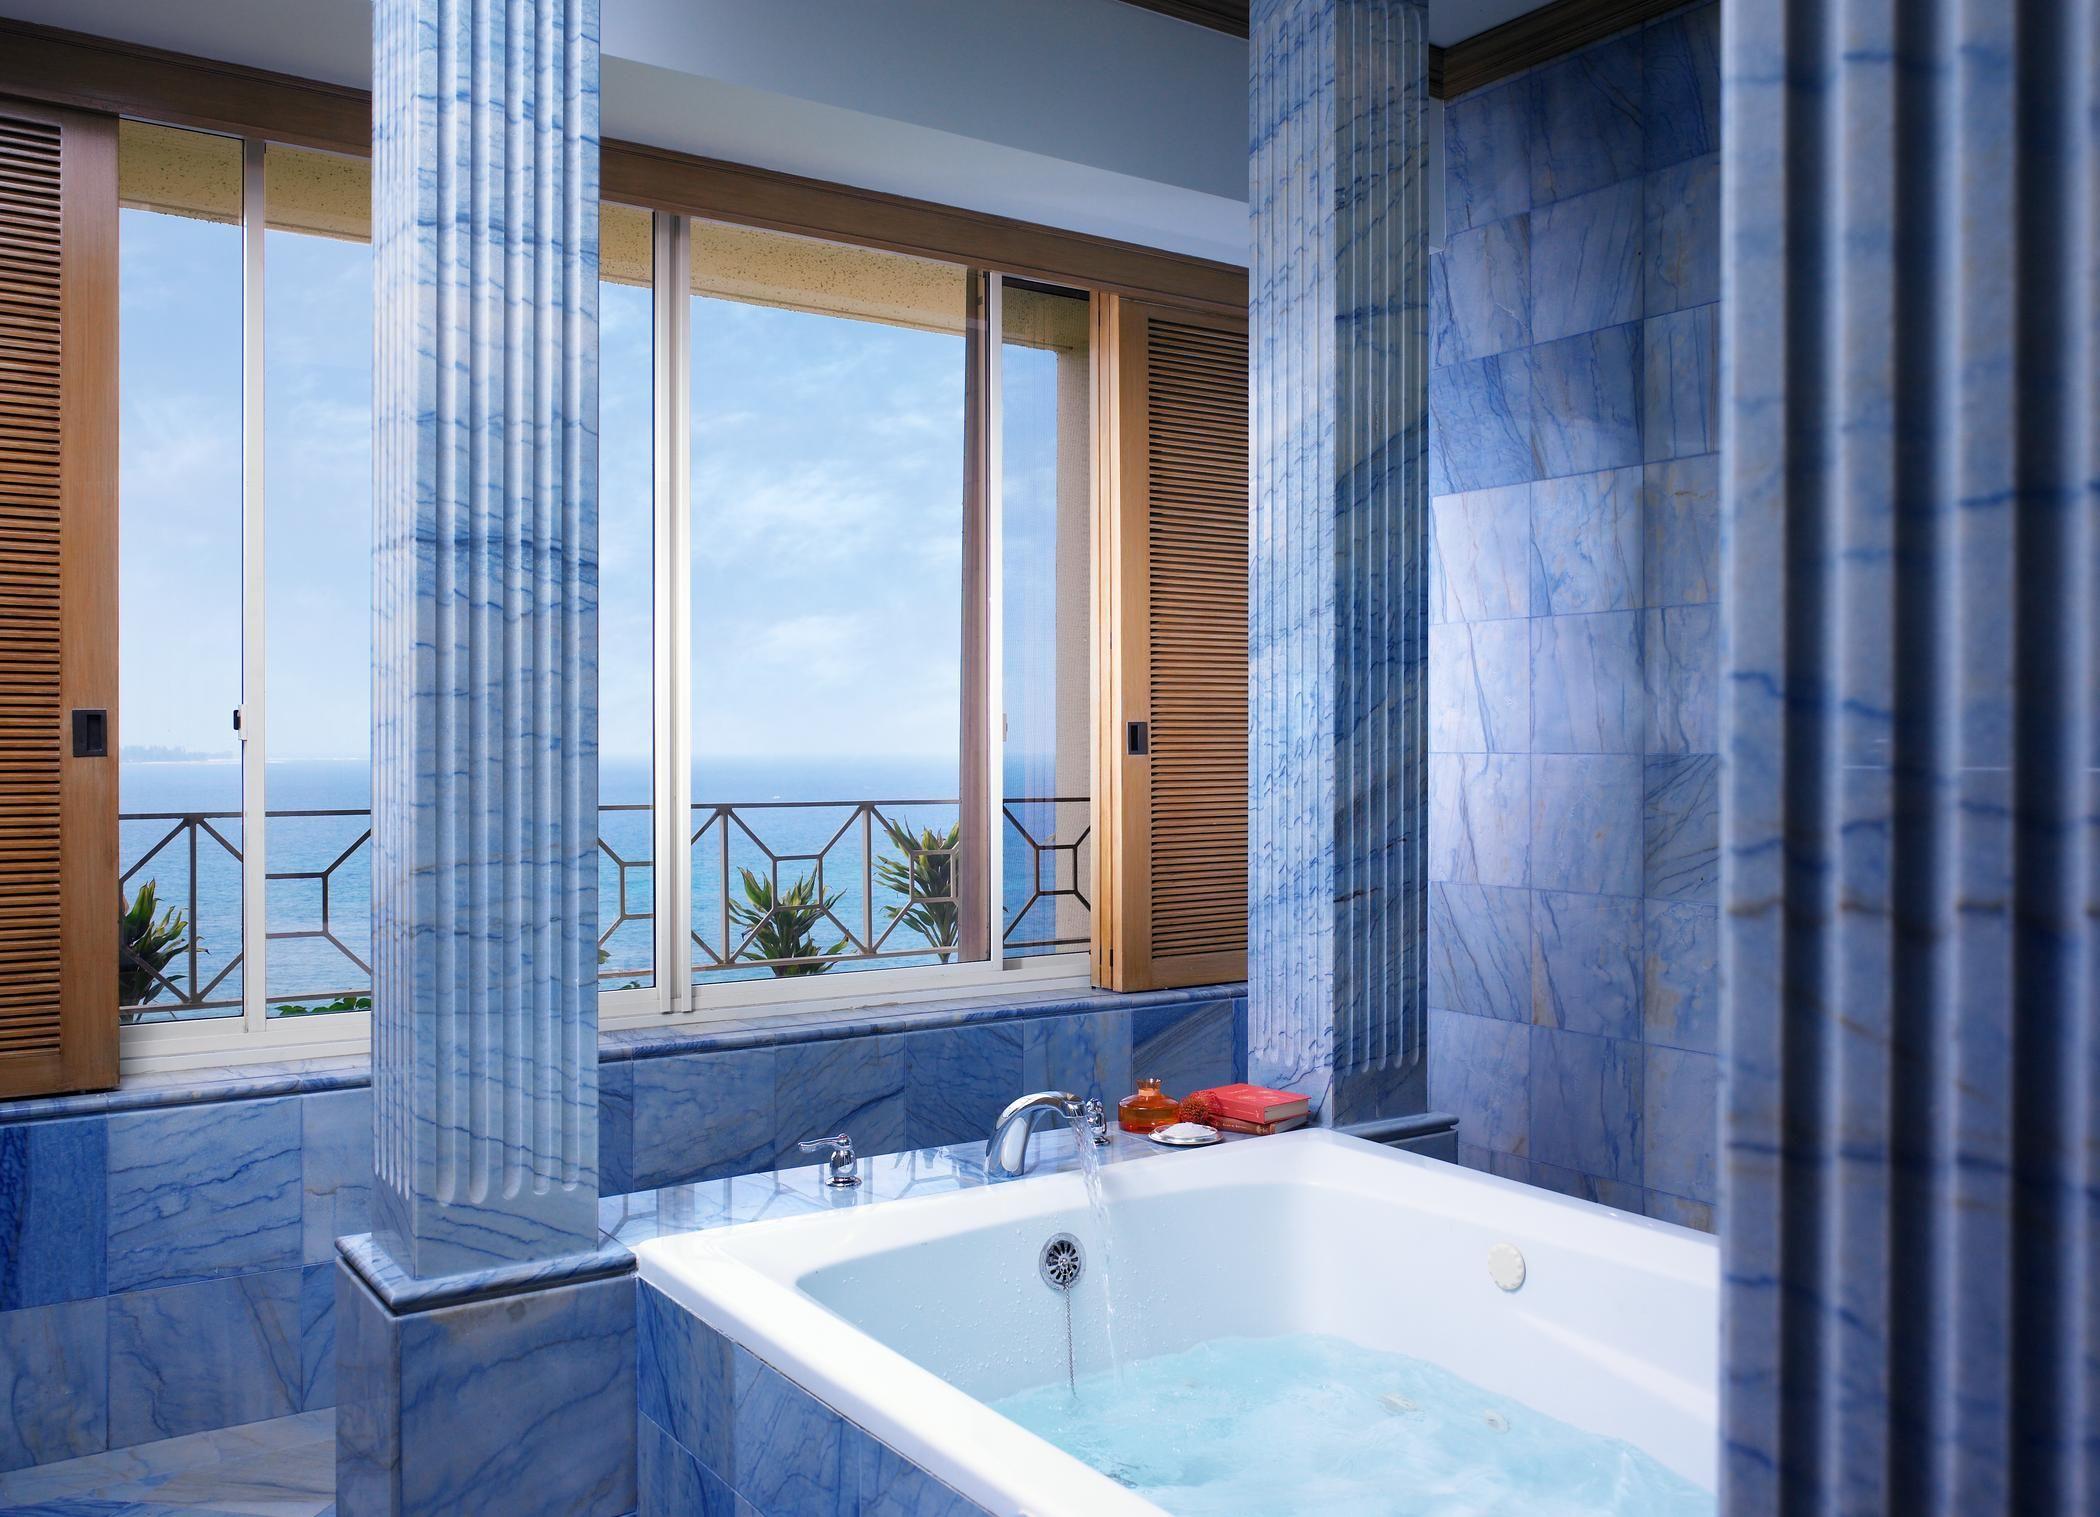 Bathroom at the presidential suite pre renovation at the st regis - Kauai Luxury Resort Presidential Suite Bathroom